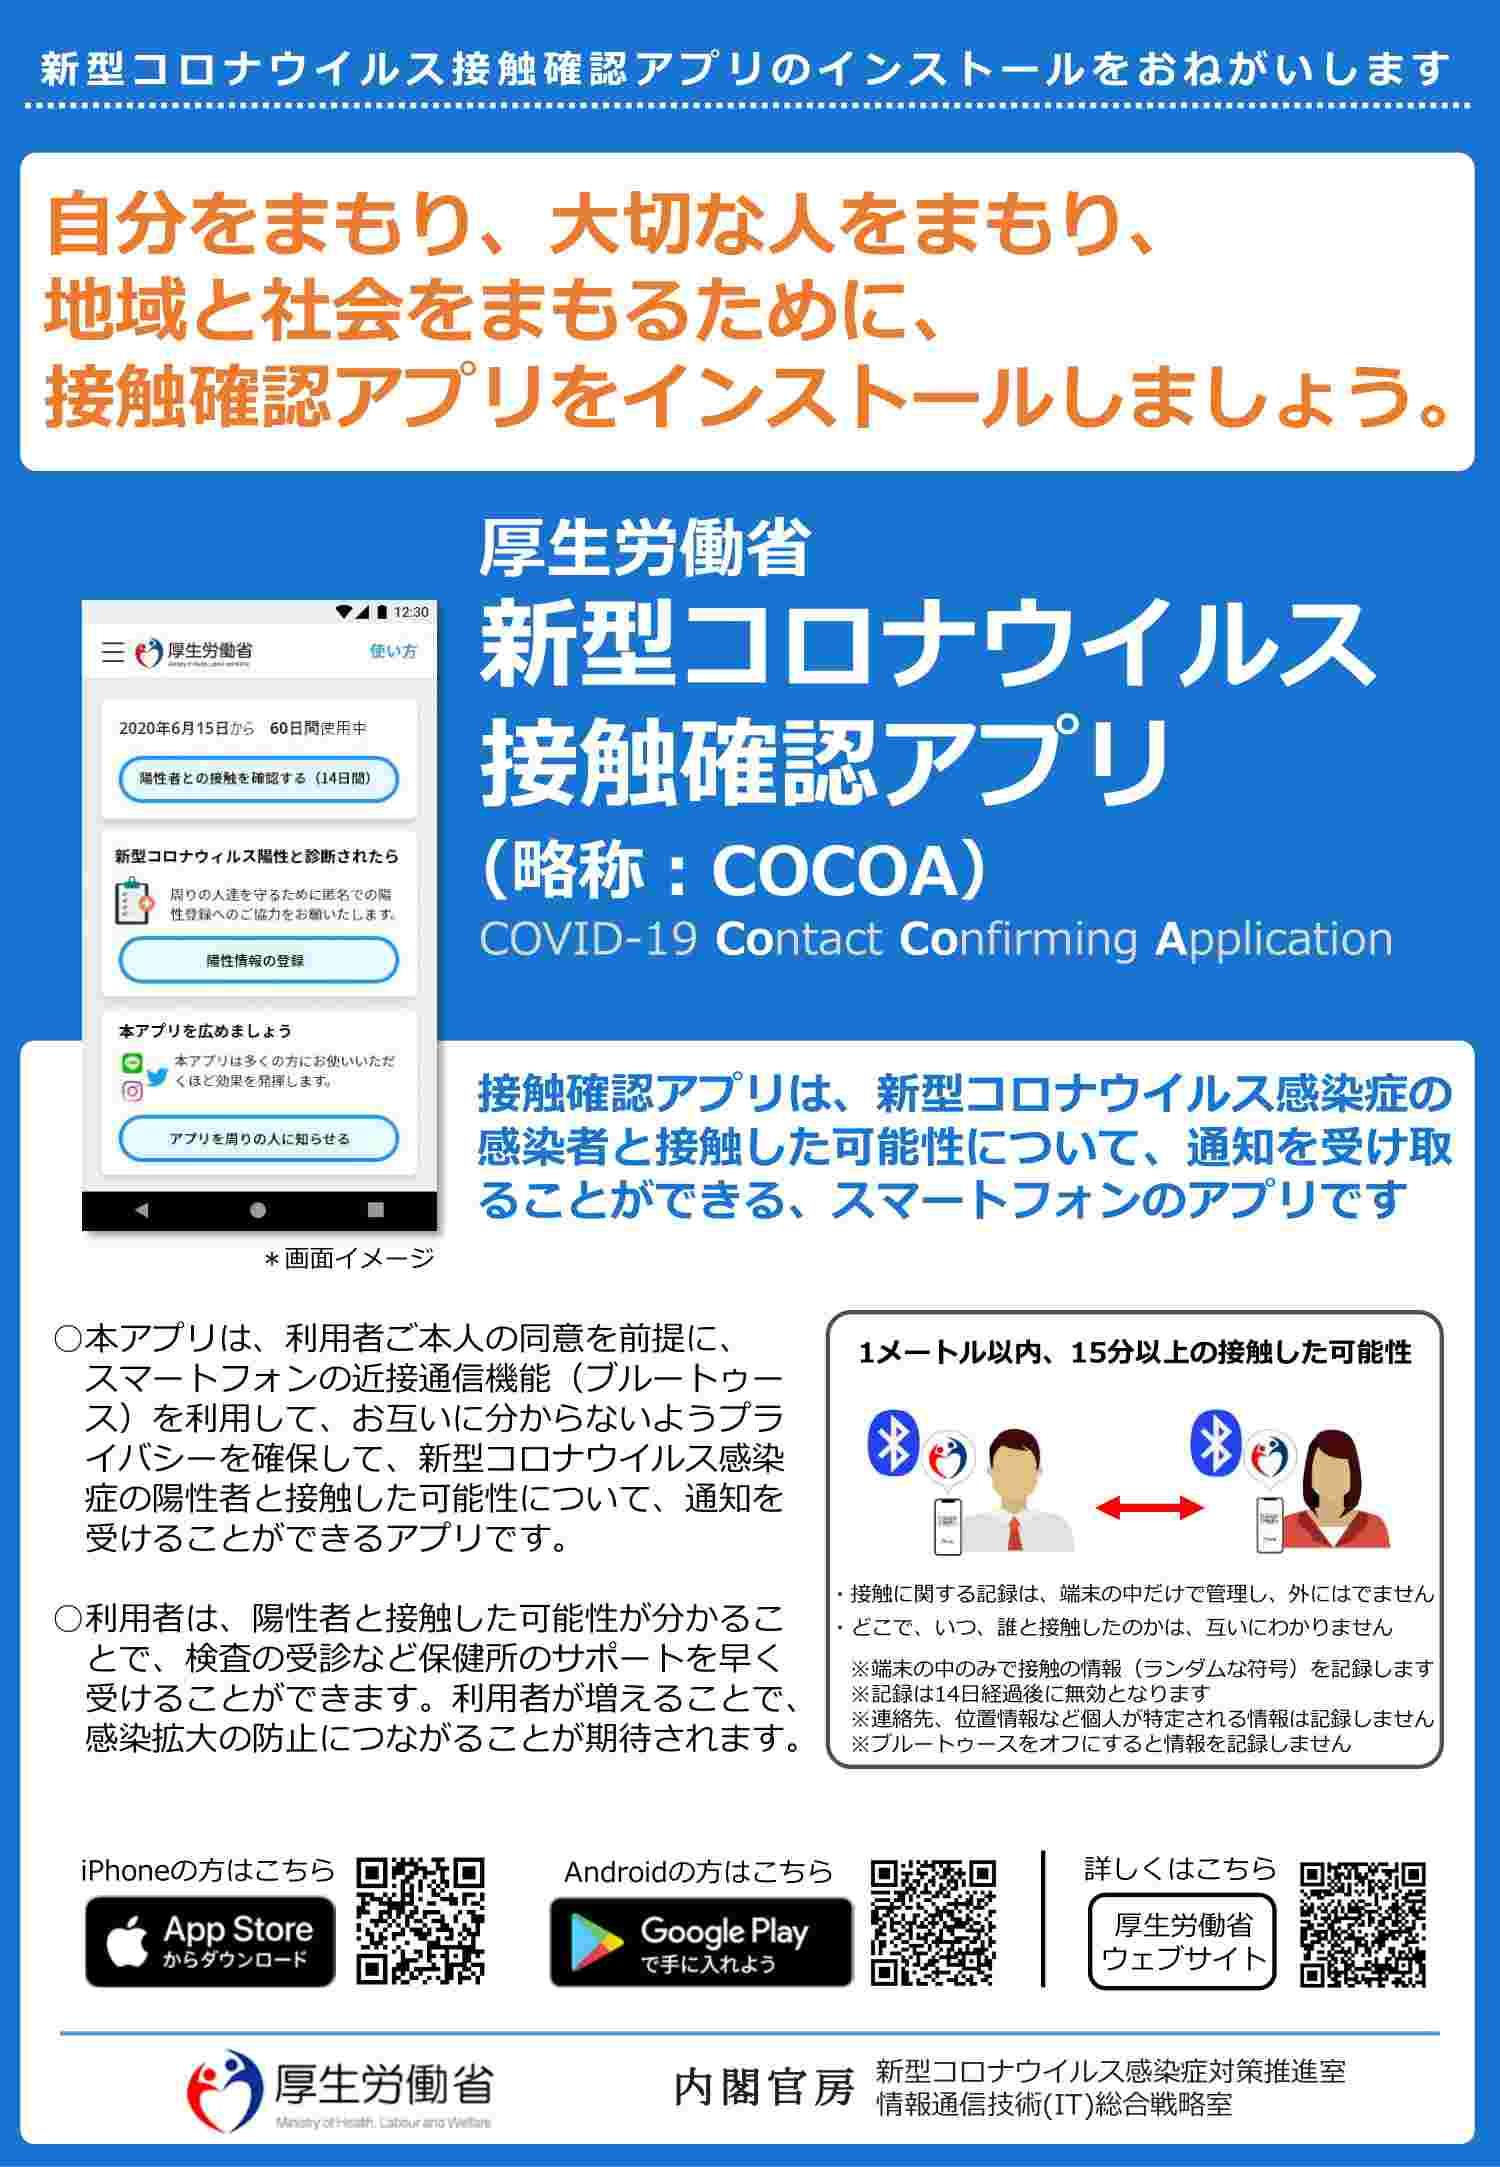 新型コロナウイルス接触確認アプリcocoa